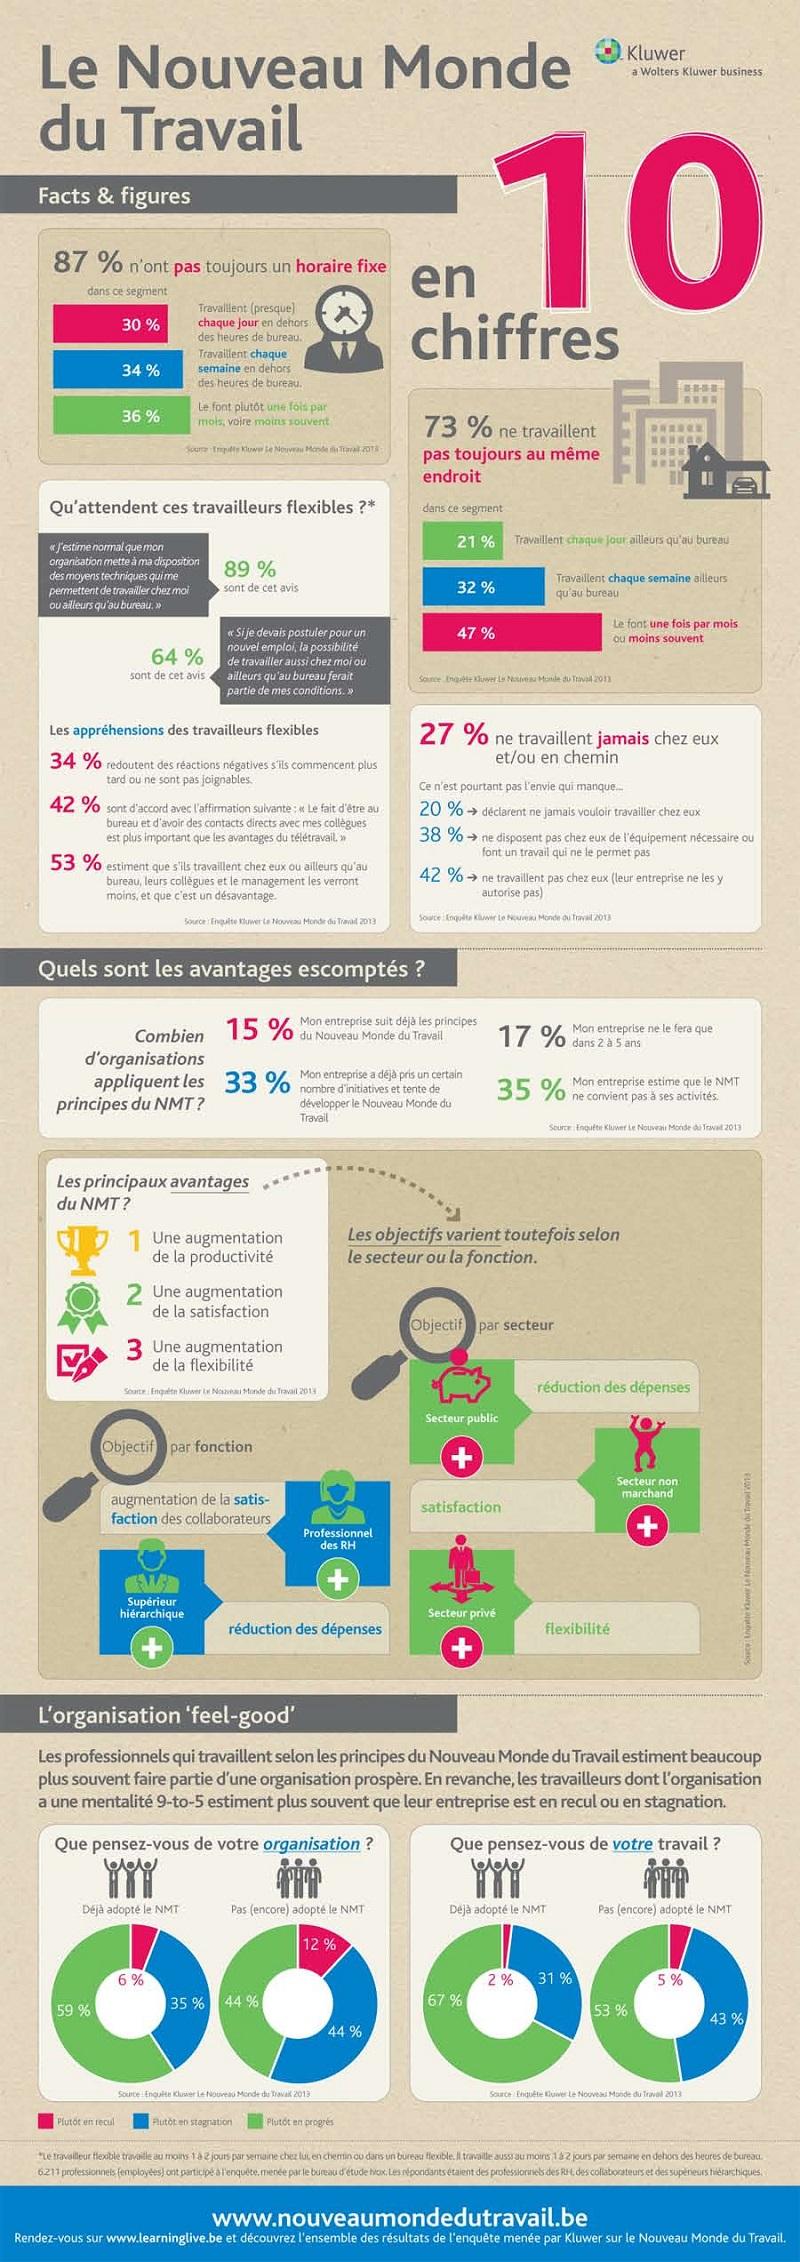 Infographie: 10 chiffres sur le nouveau monde du travail